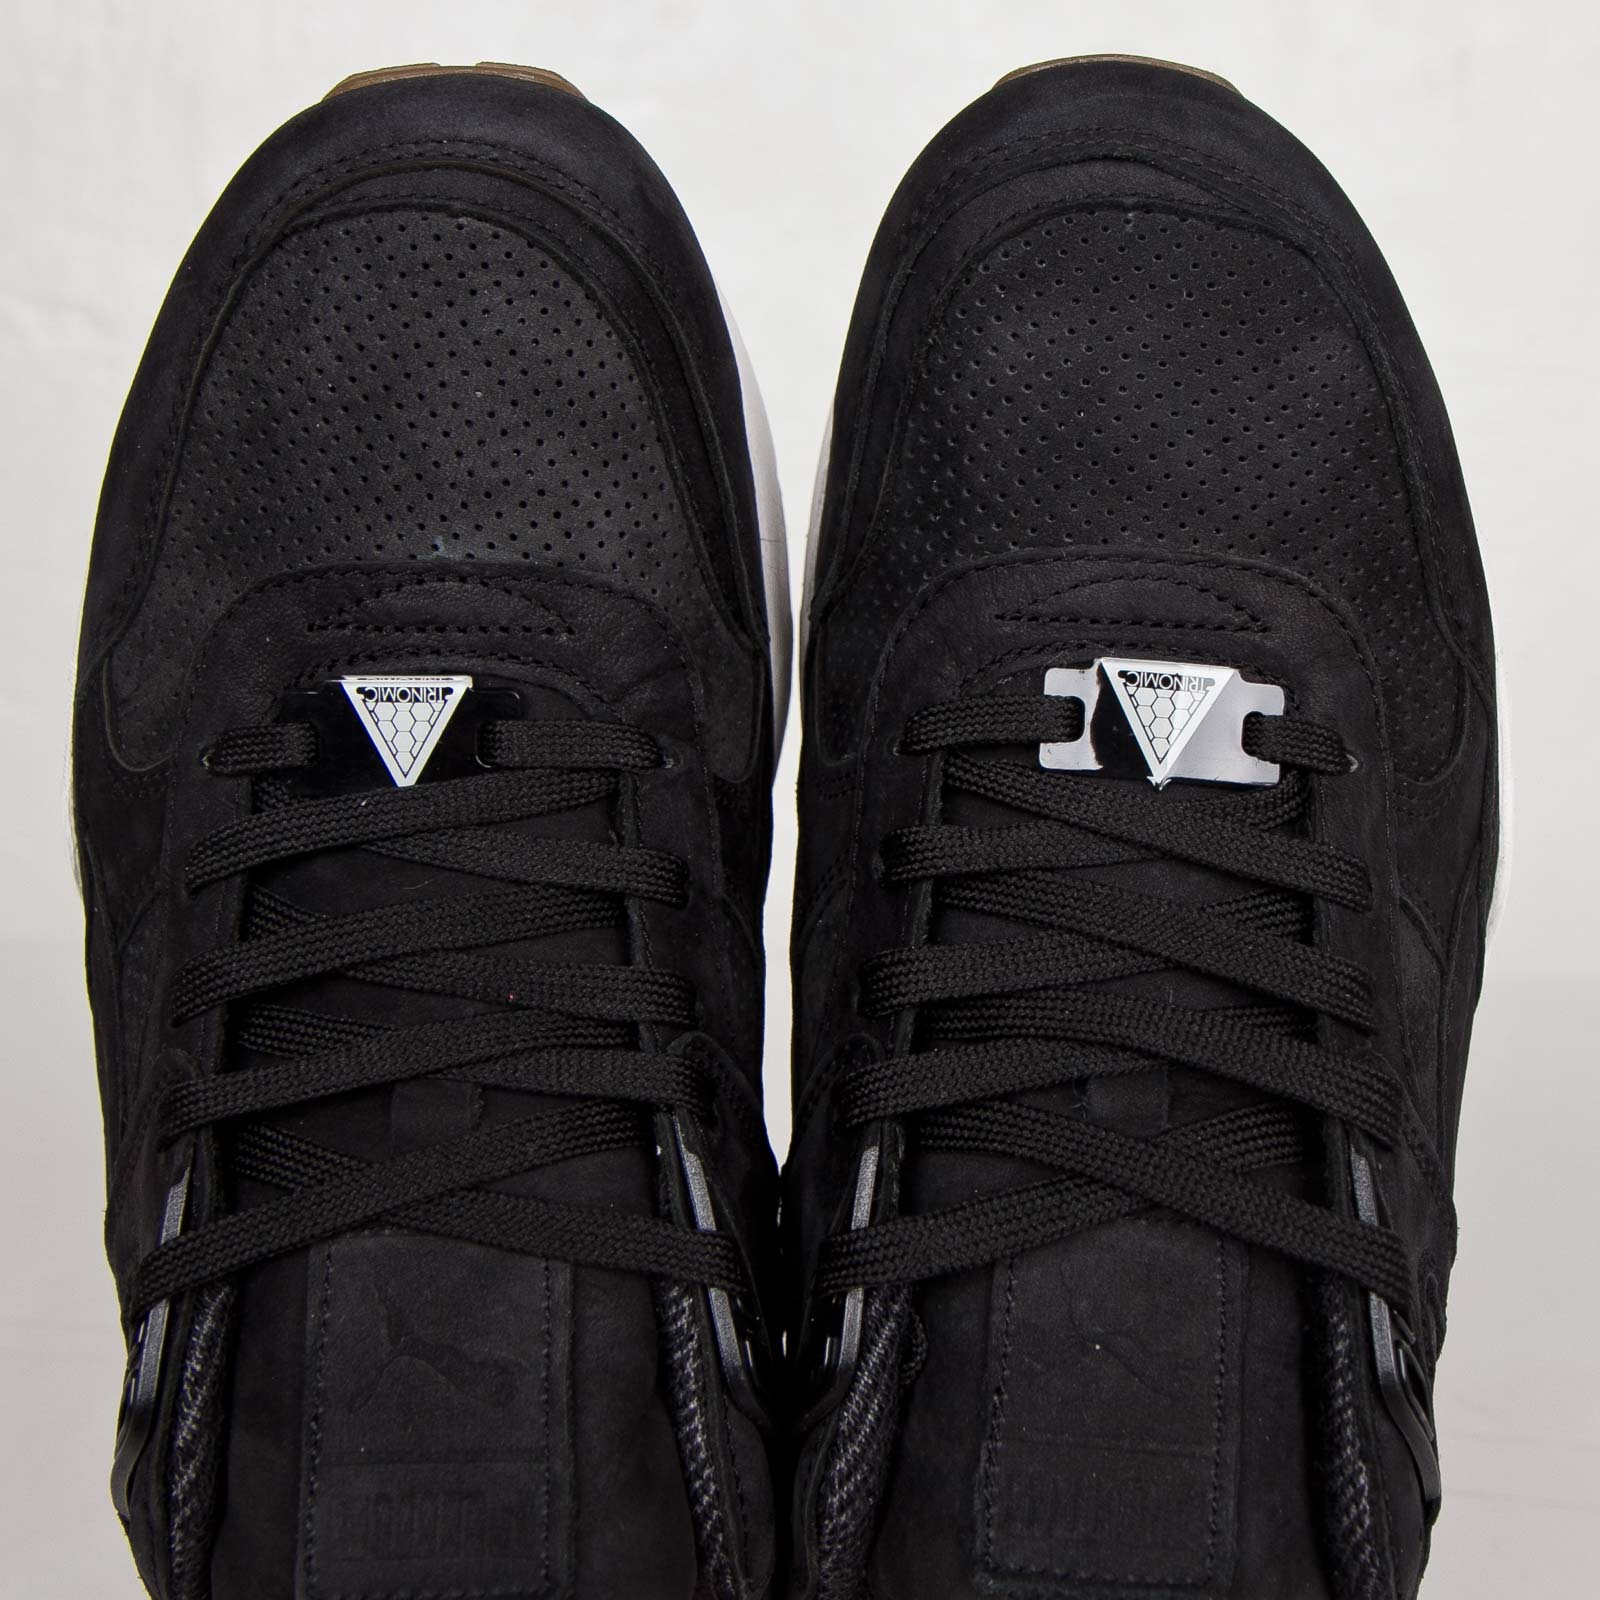 dd709f05ba6 Puma R698 Perf Pack - 359314-01 - Sneakersnstuff